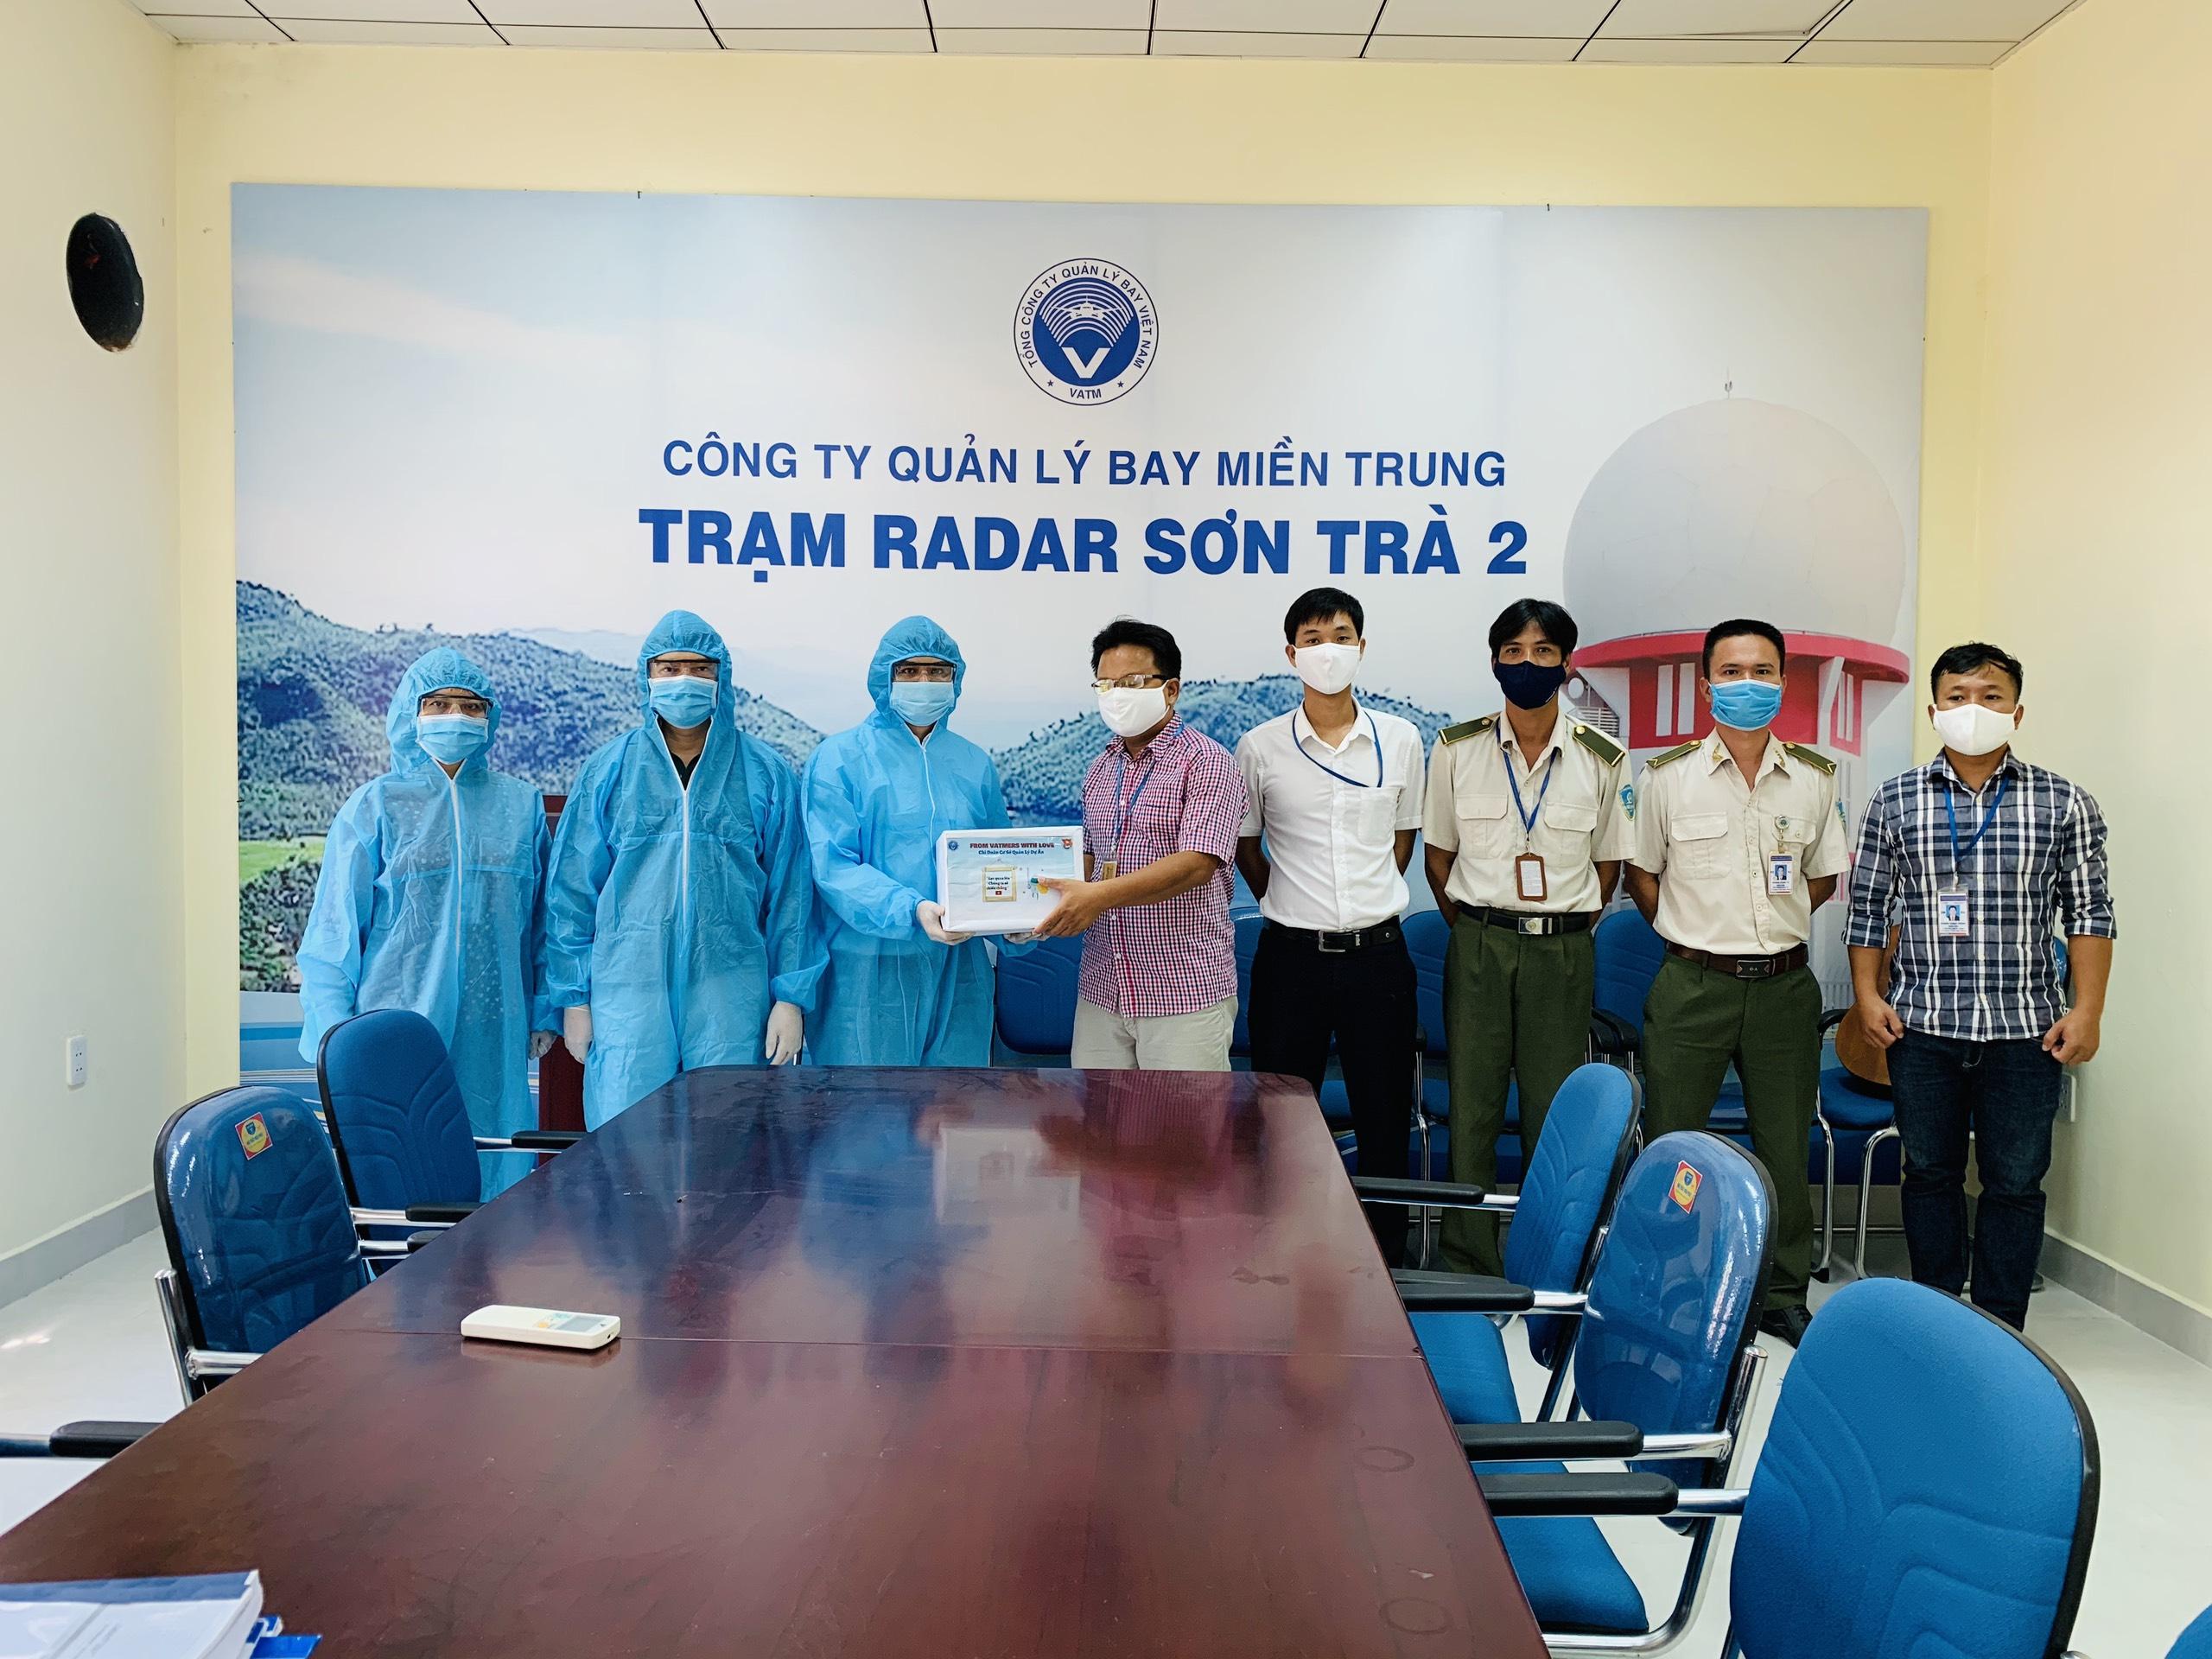 Đoàn Thanh niên Tổng công ty Quản lý bay Việt Nam đồng hành cùng Quản lý bay miền Trung chống dịch Covid-19